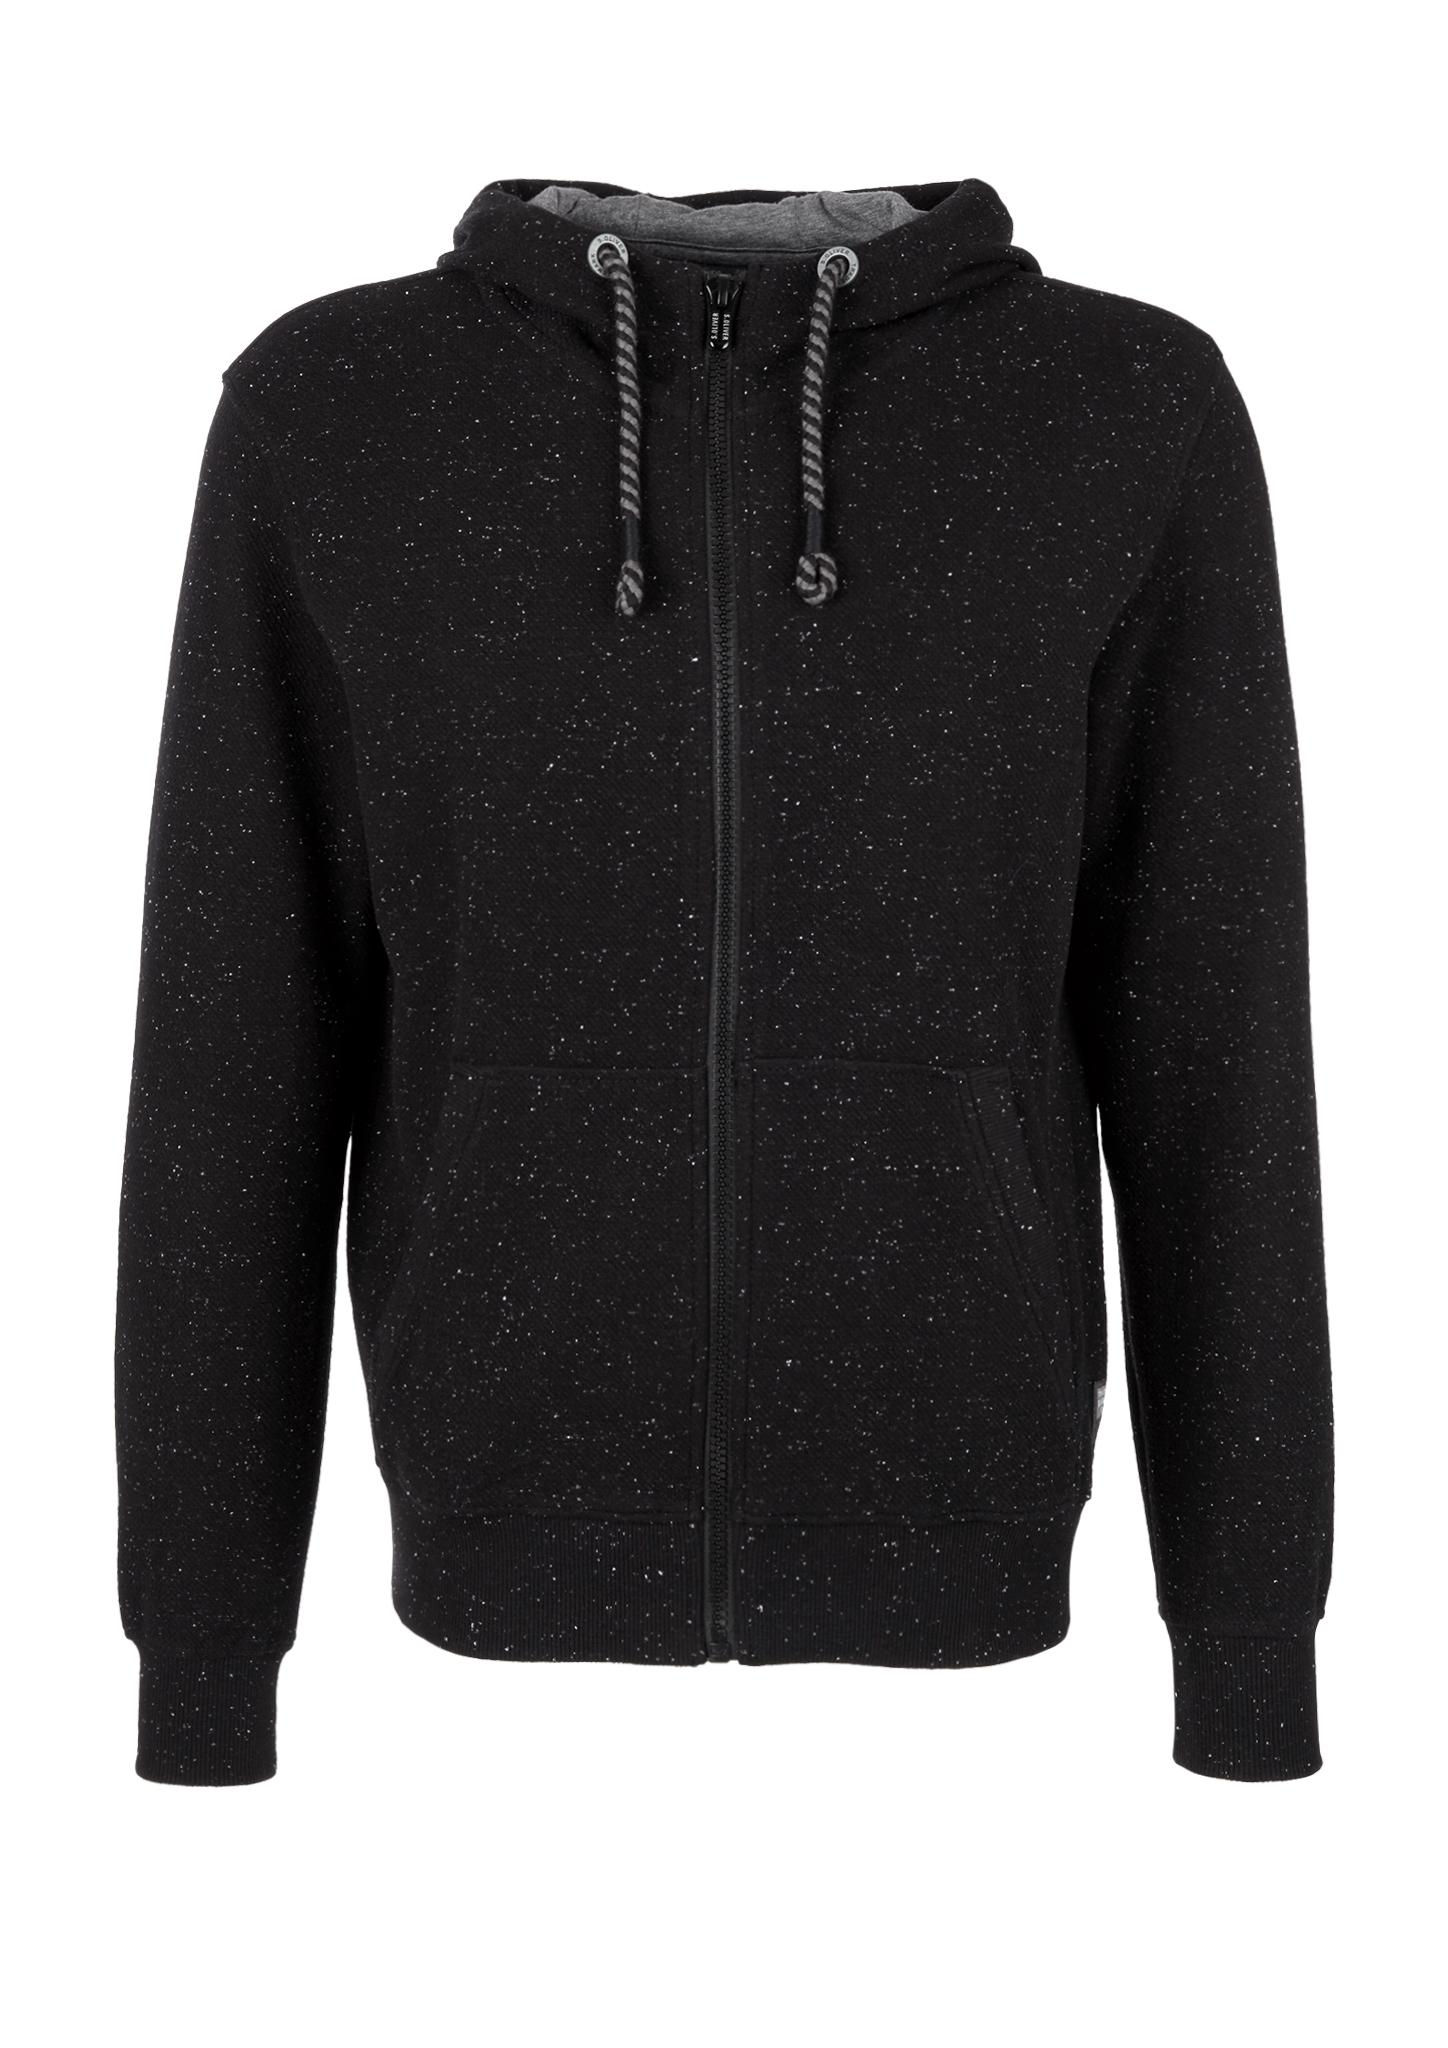 Sweatjacke   Bekleidung > Sweatshirts & -jacken > Sweatjacken   Grau/schwarz   Oberstoff: 84% baumwolle -  13% polyester -  3% elasthan  manschette/bund: 89% baumwolle -  7% polyester -  4% elasthan   s.Oliver